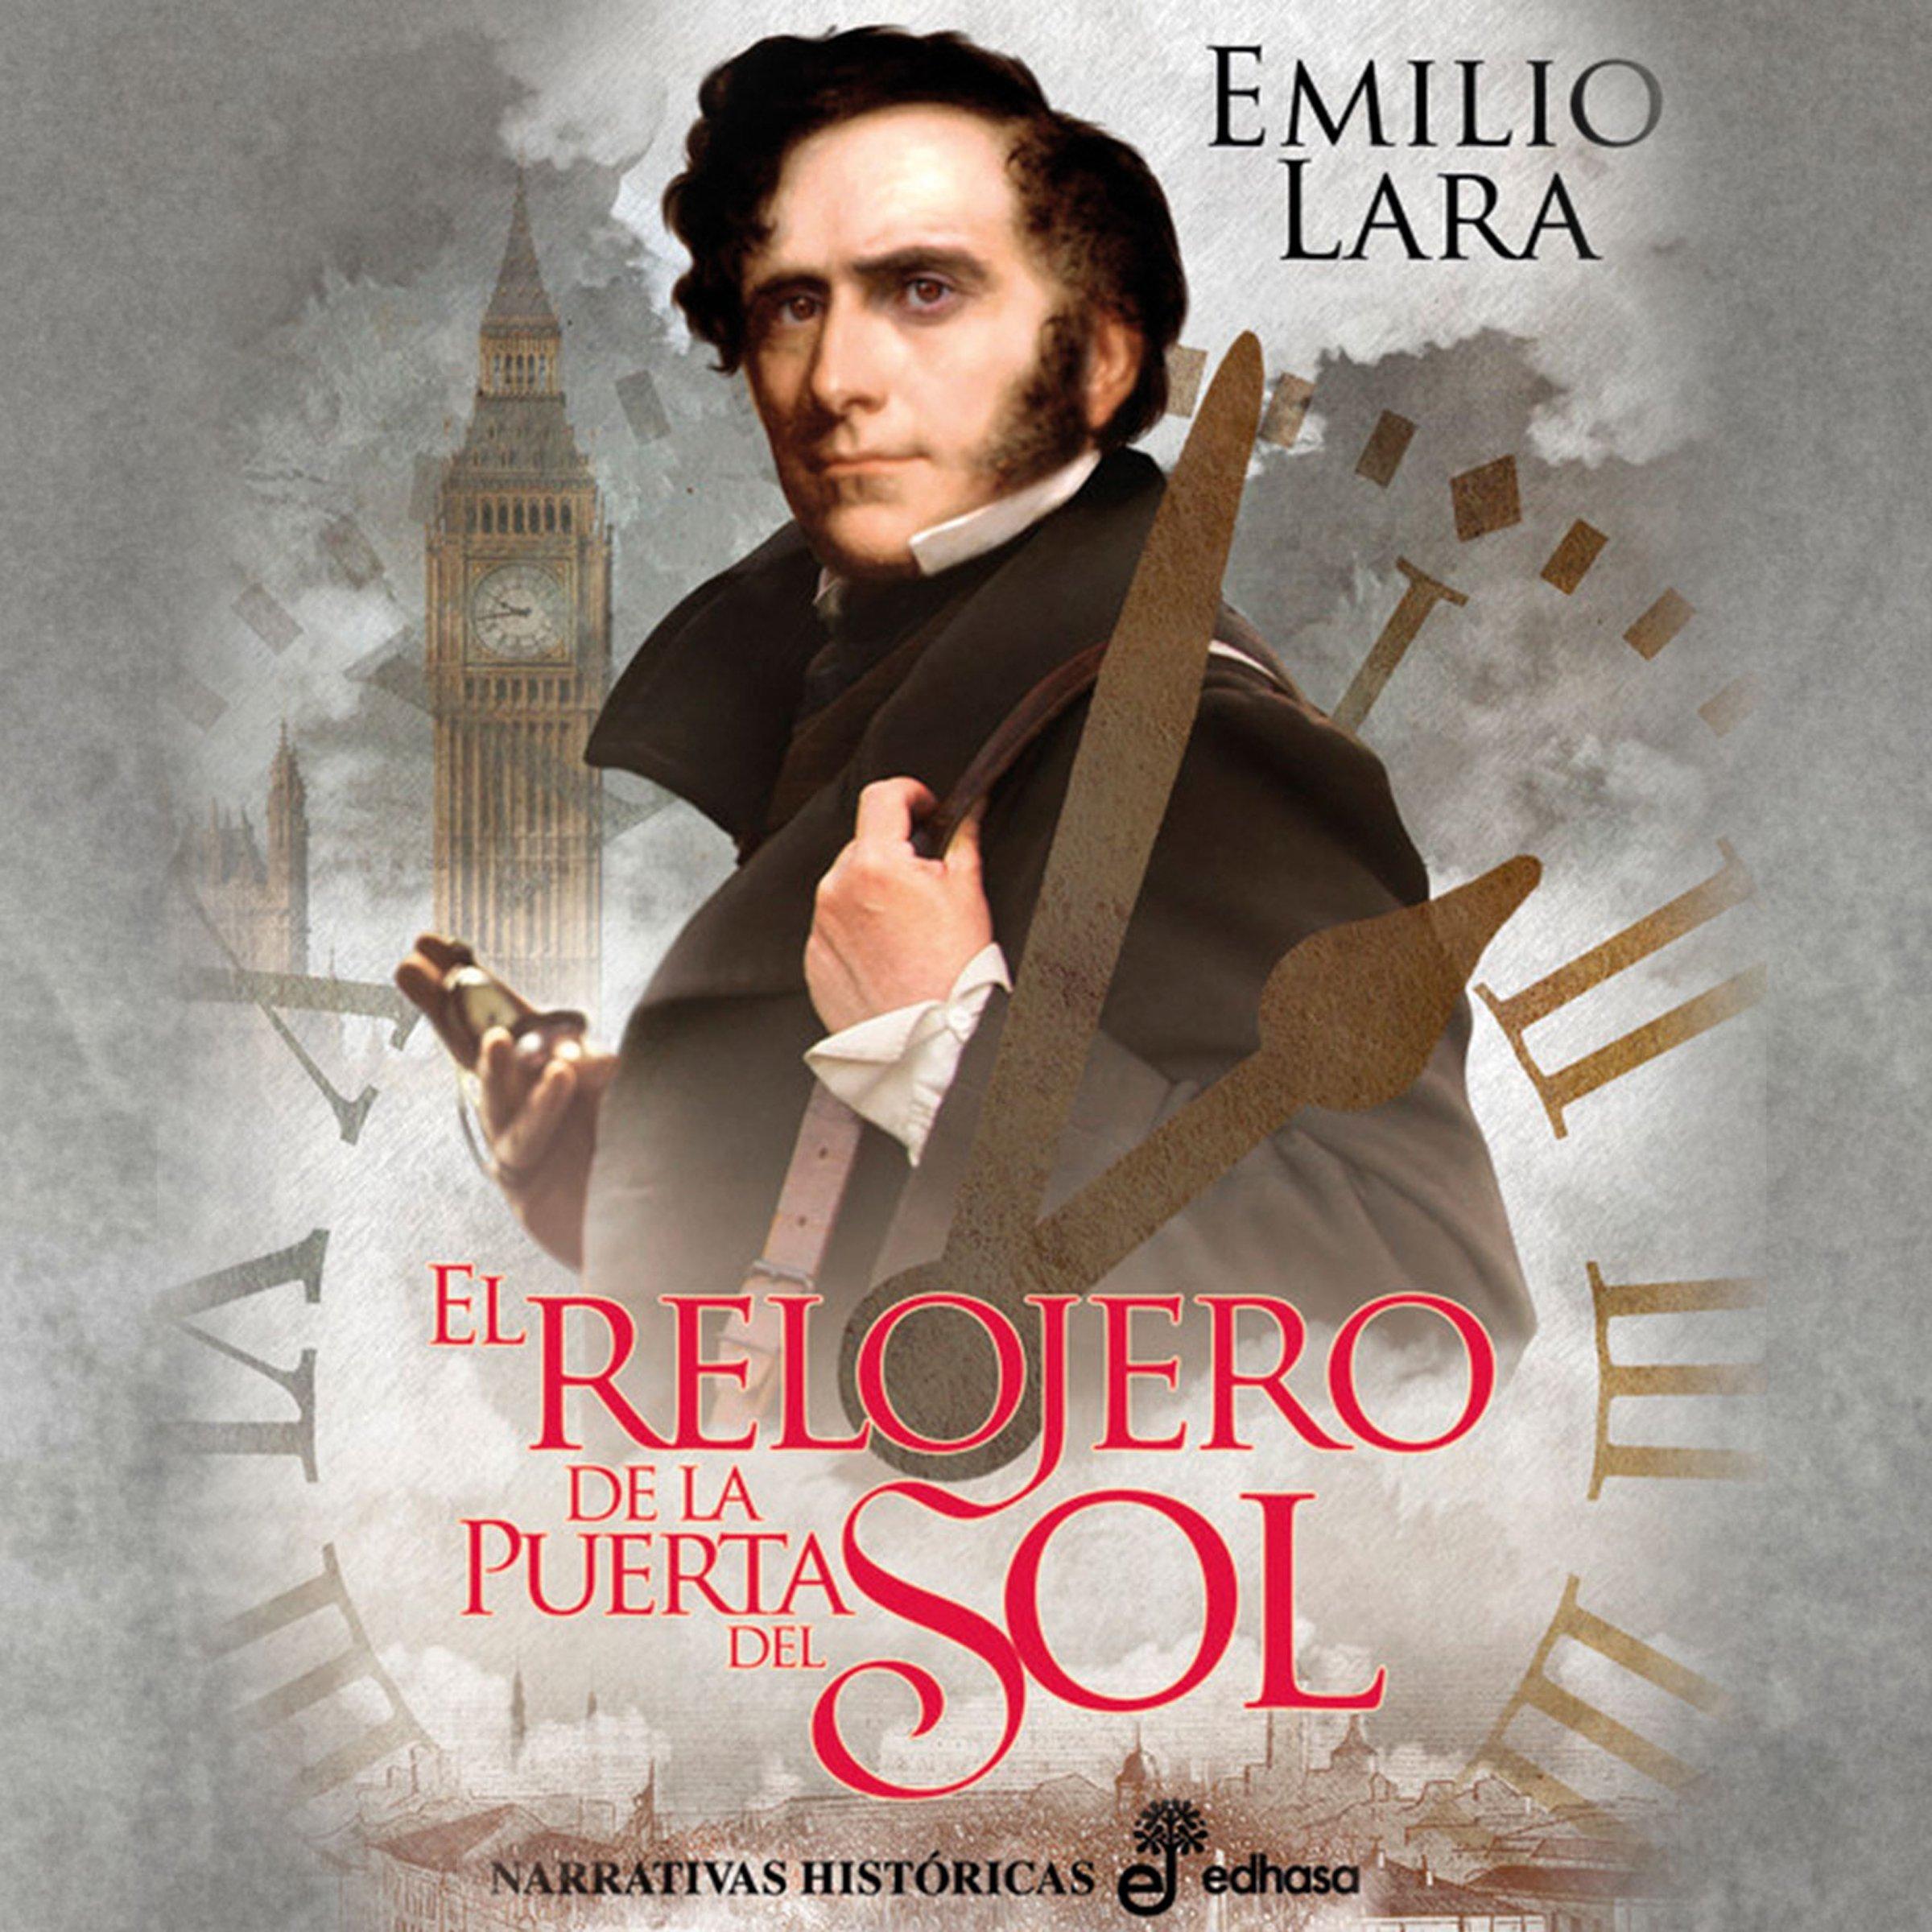 El relojero de la puerta del Sol [The Watchmaker of Puerta del Sol]